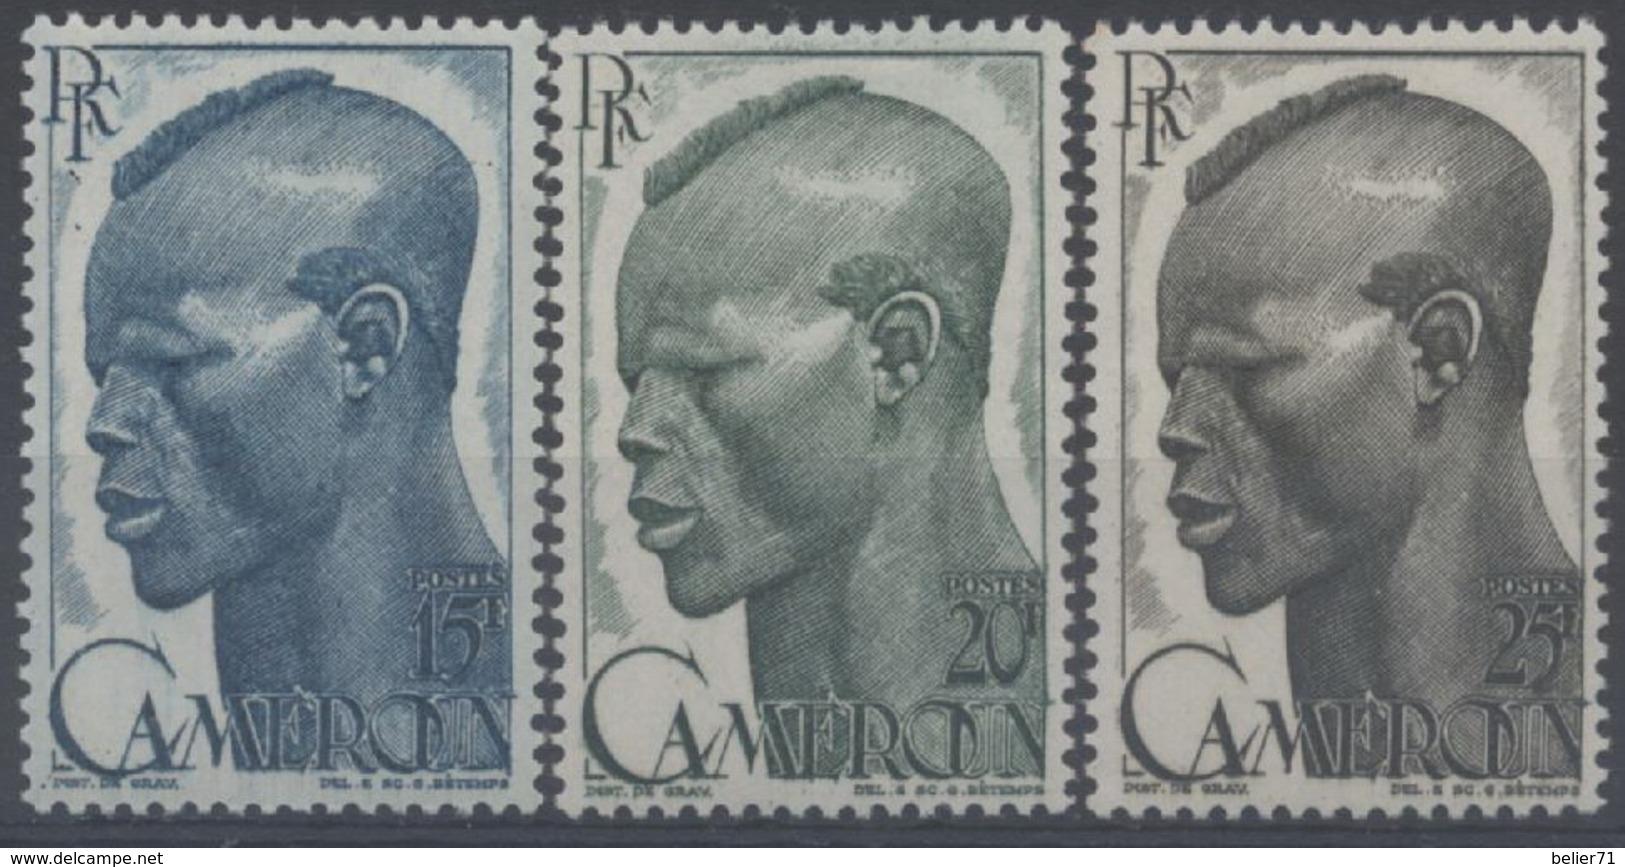 France, Cameroun : N° 292 à 294 X Neuf Avec Trace De Charnière Année 1946 - Cameroun (1915-1959)